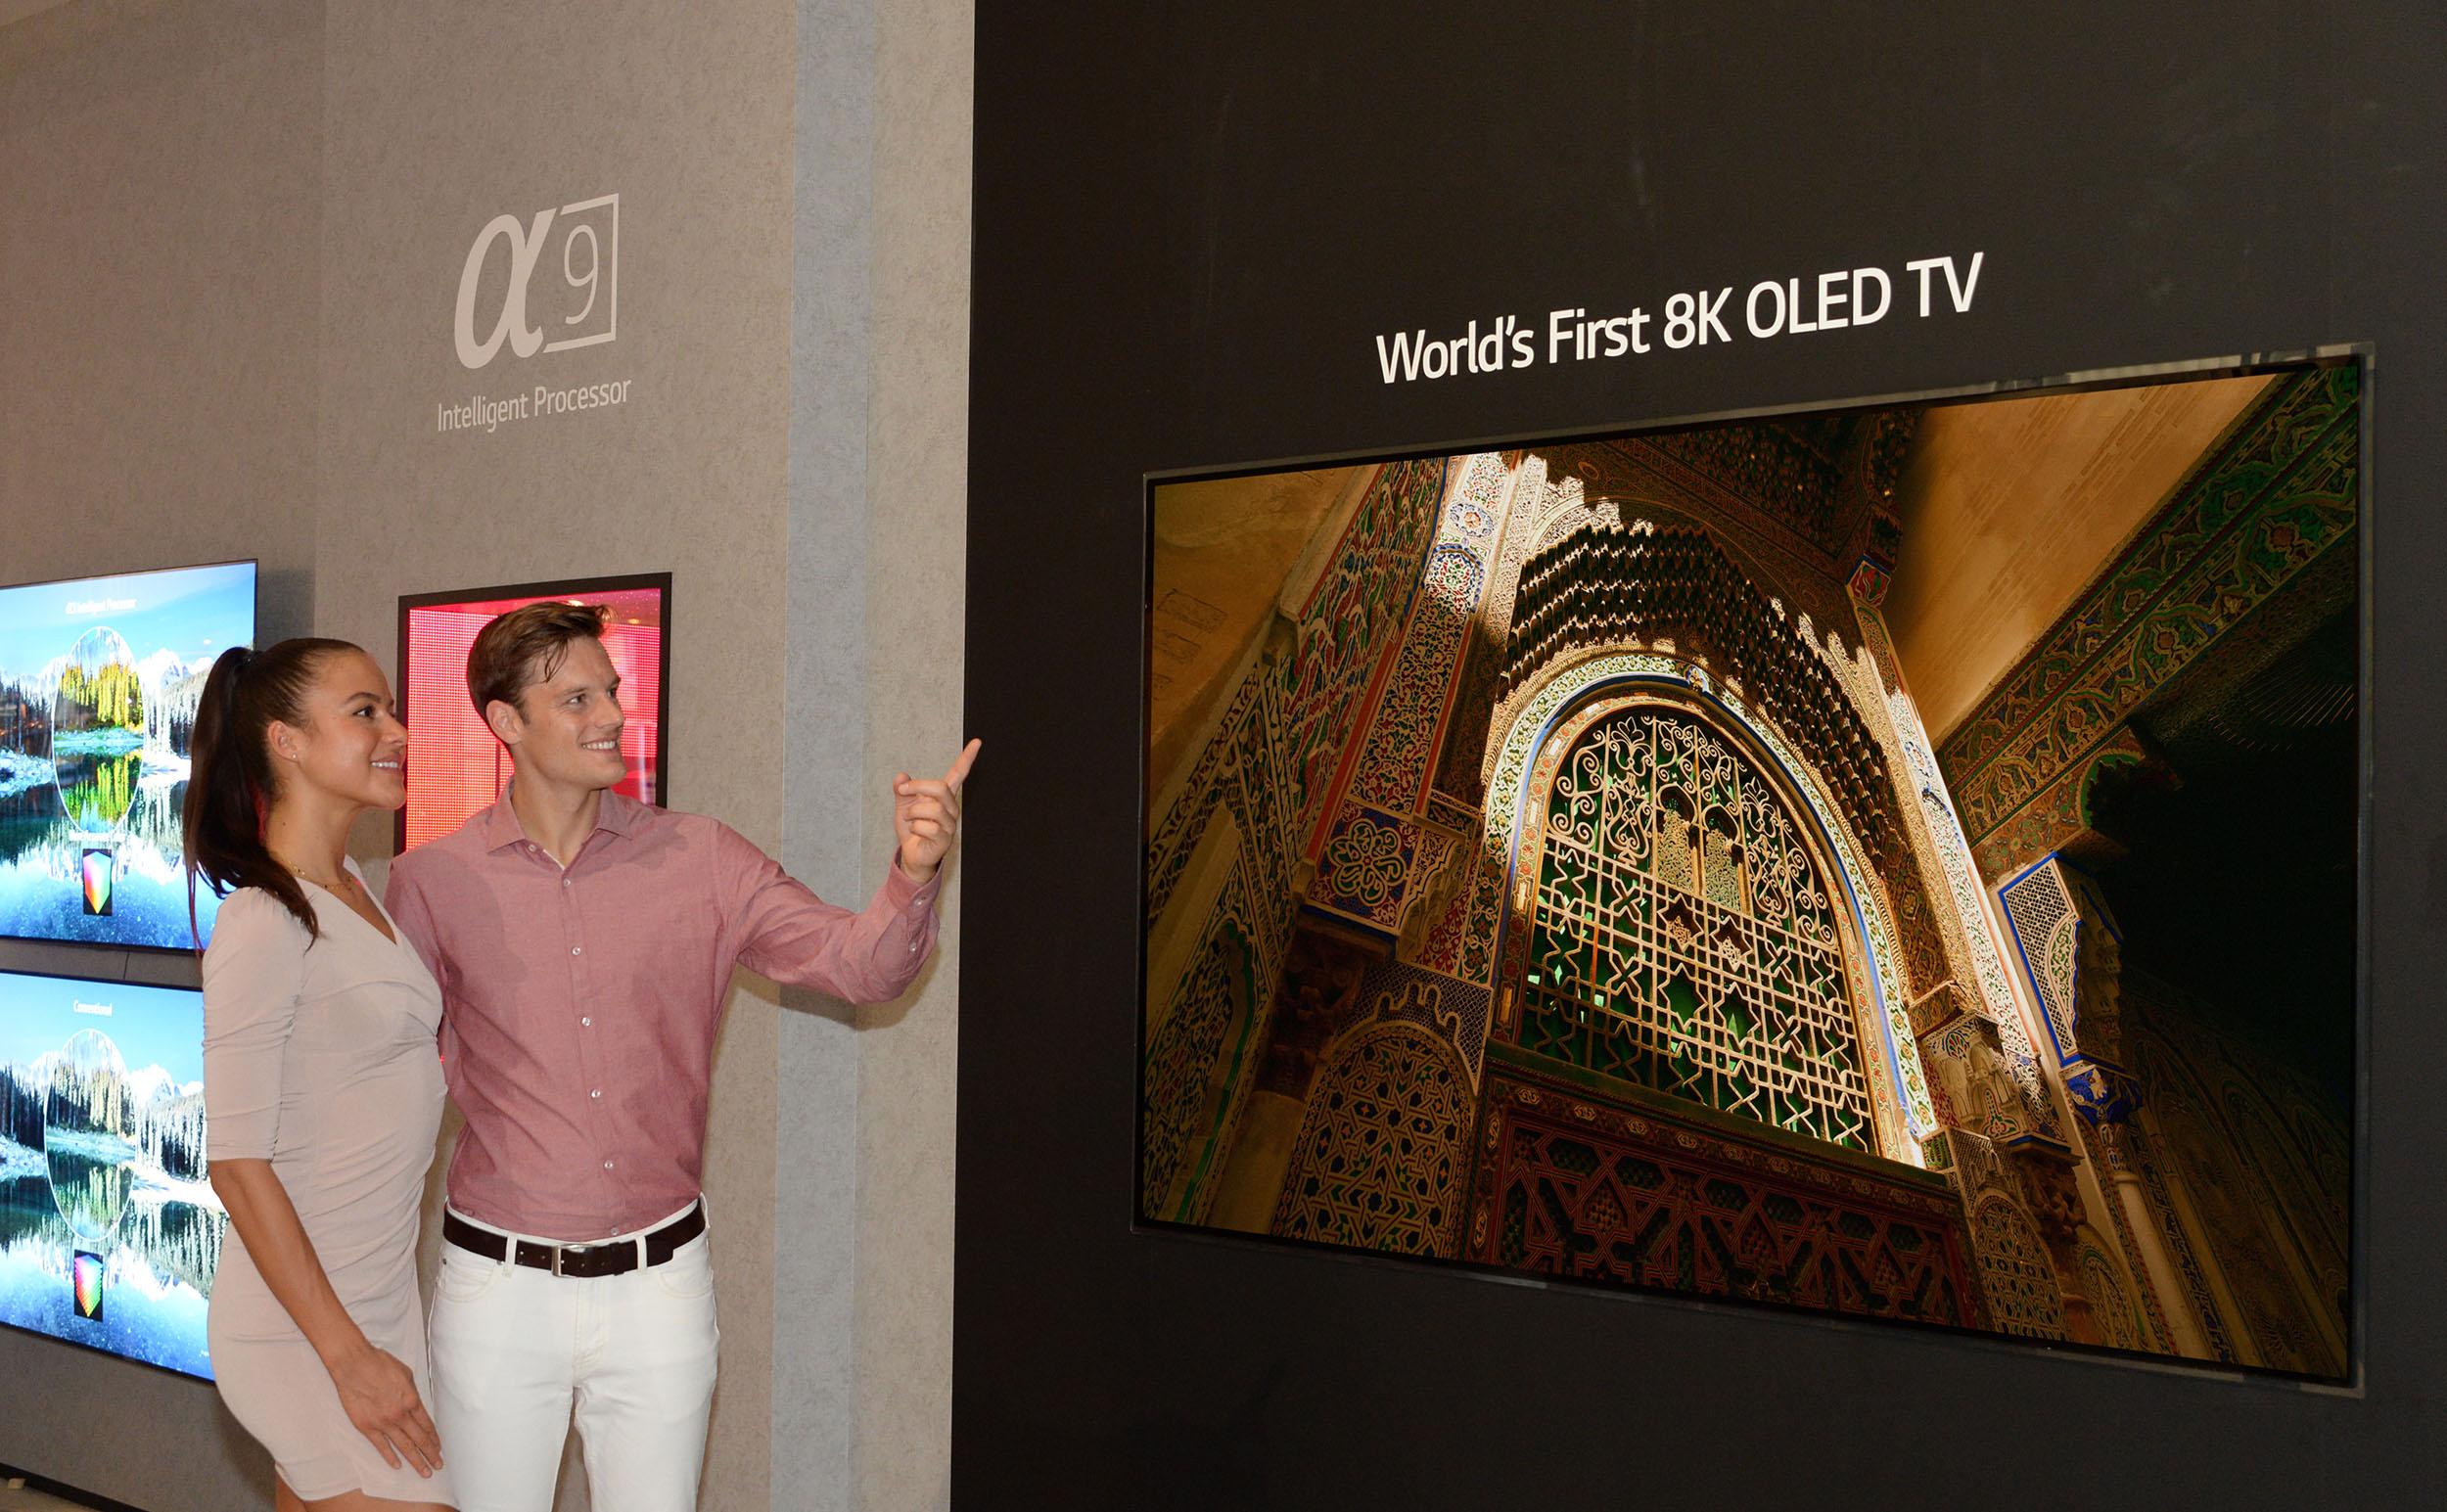 뭐 아직은 상징적으로 보이지만 8K OLED TV 공개..